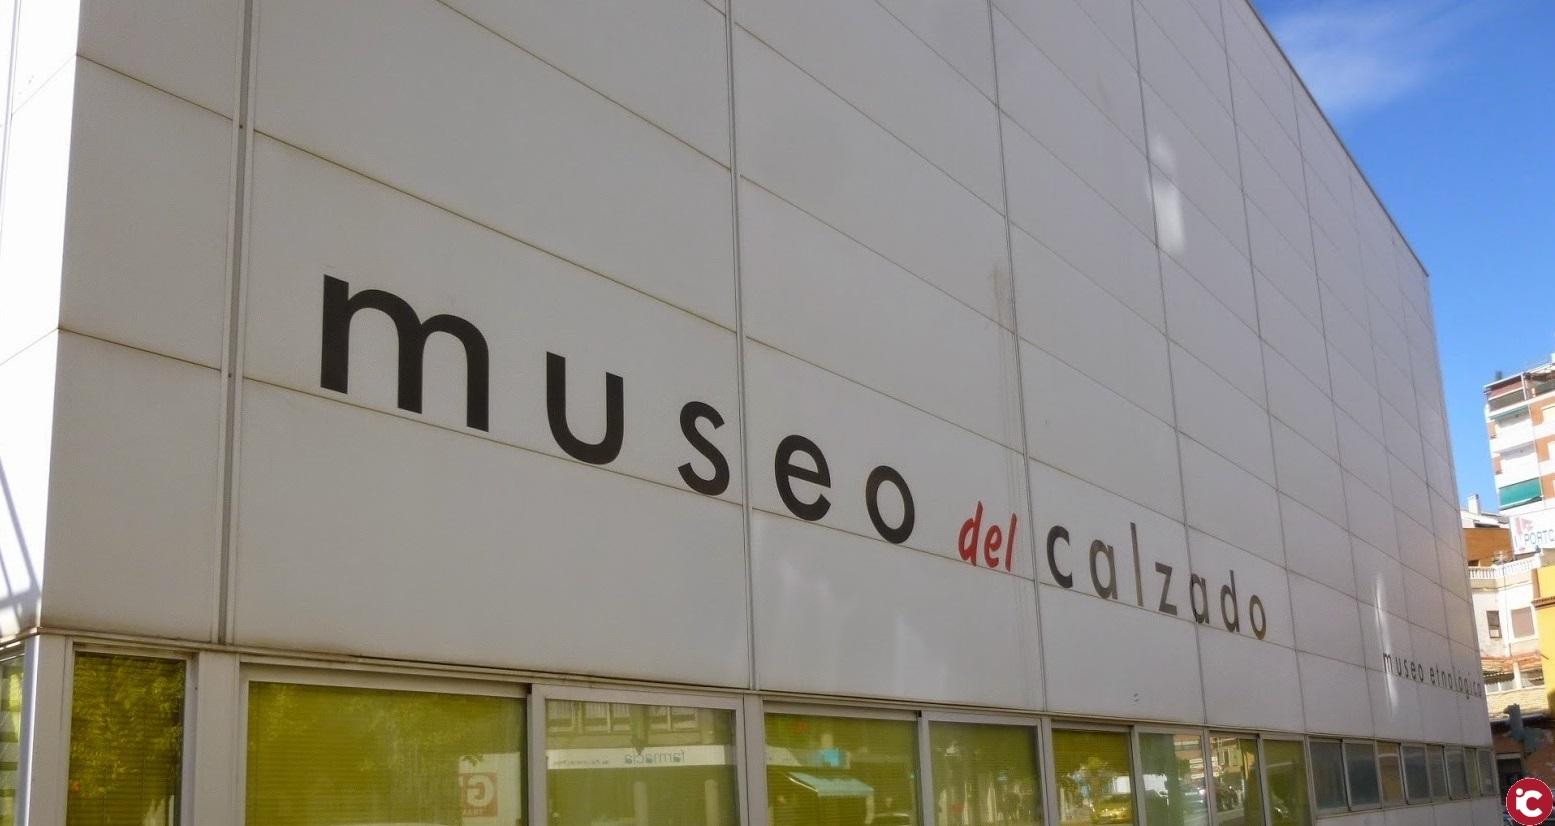 Museo del Calzado de Elda